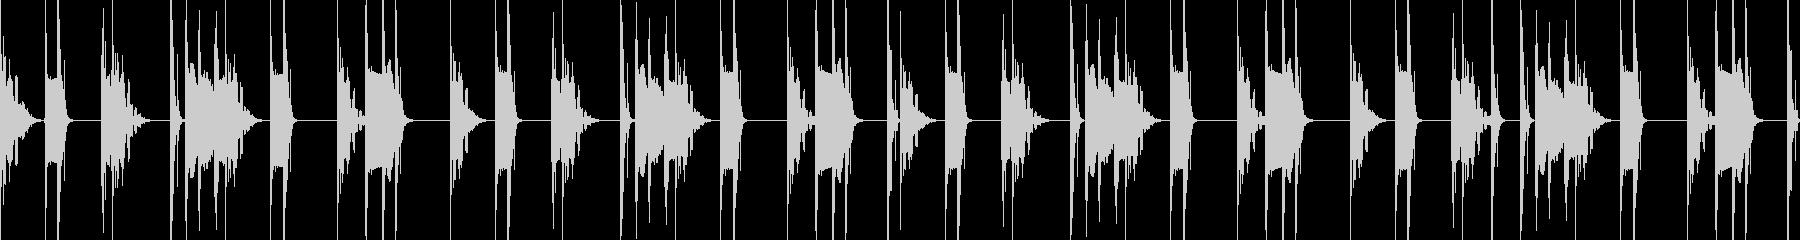 キックとスネアだけのブーンバップ8小節の未再生の波形